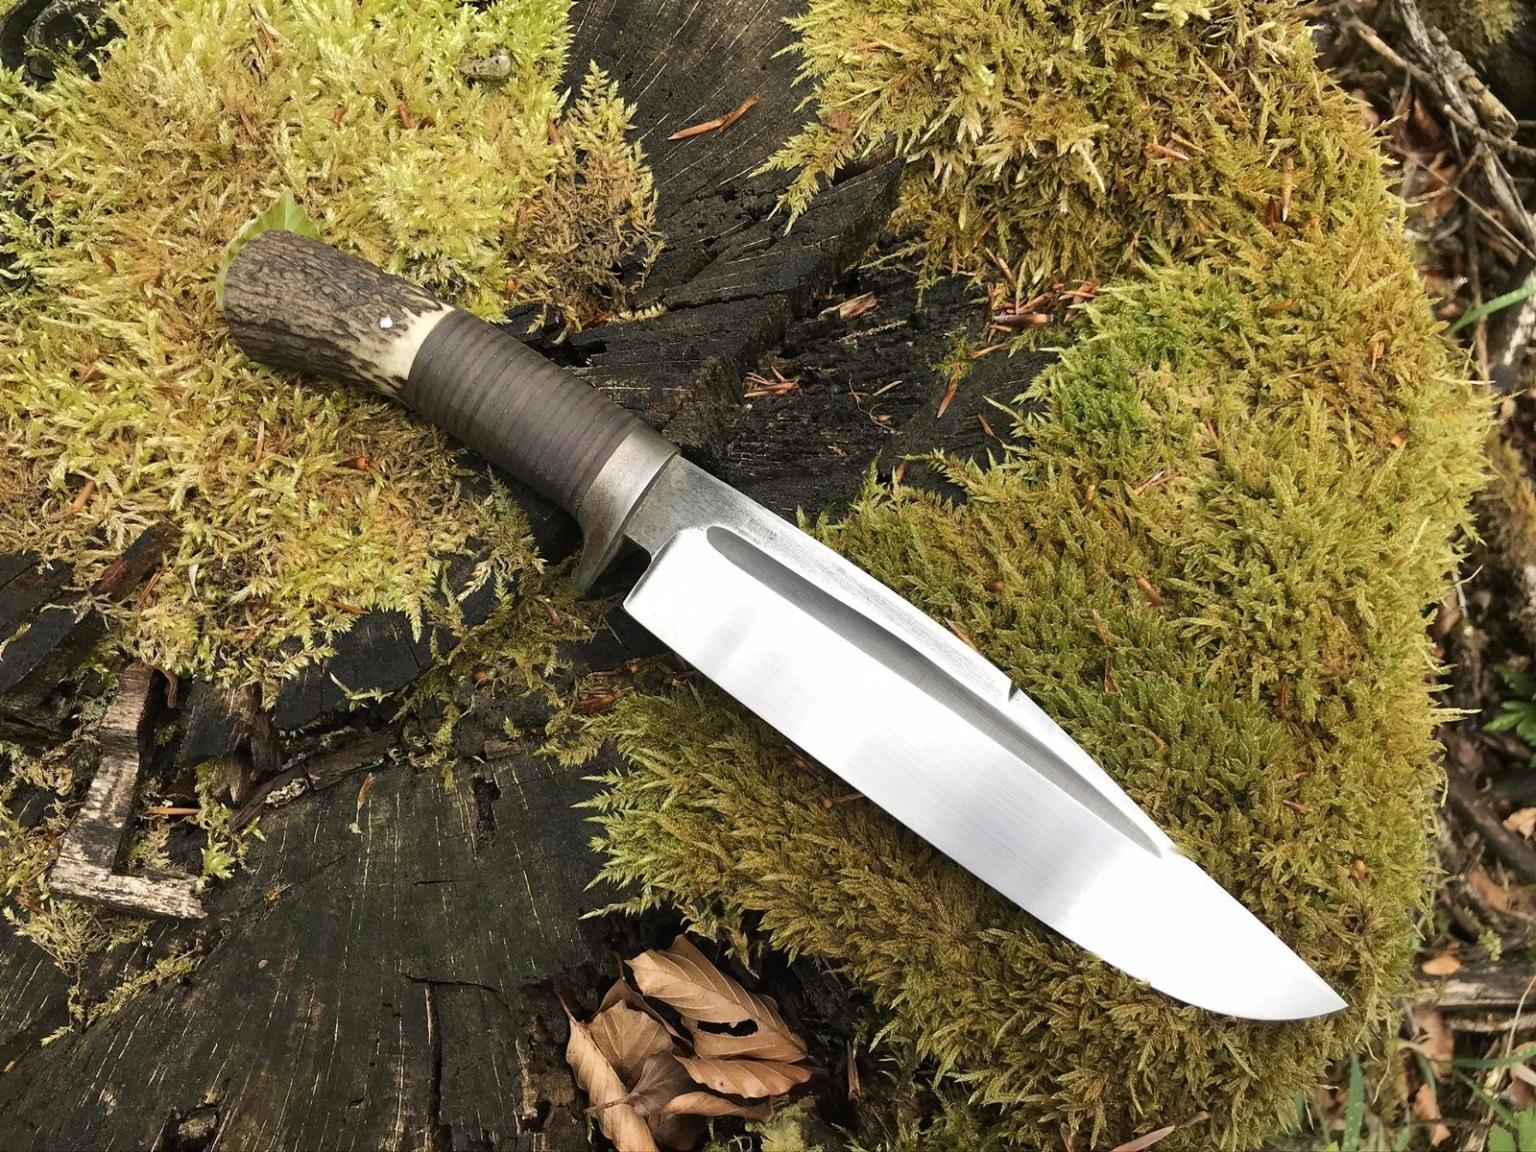 Großes Bowie Messer aus Rotwildgeweih und Leder